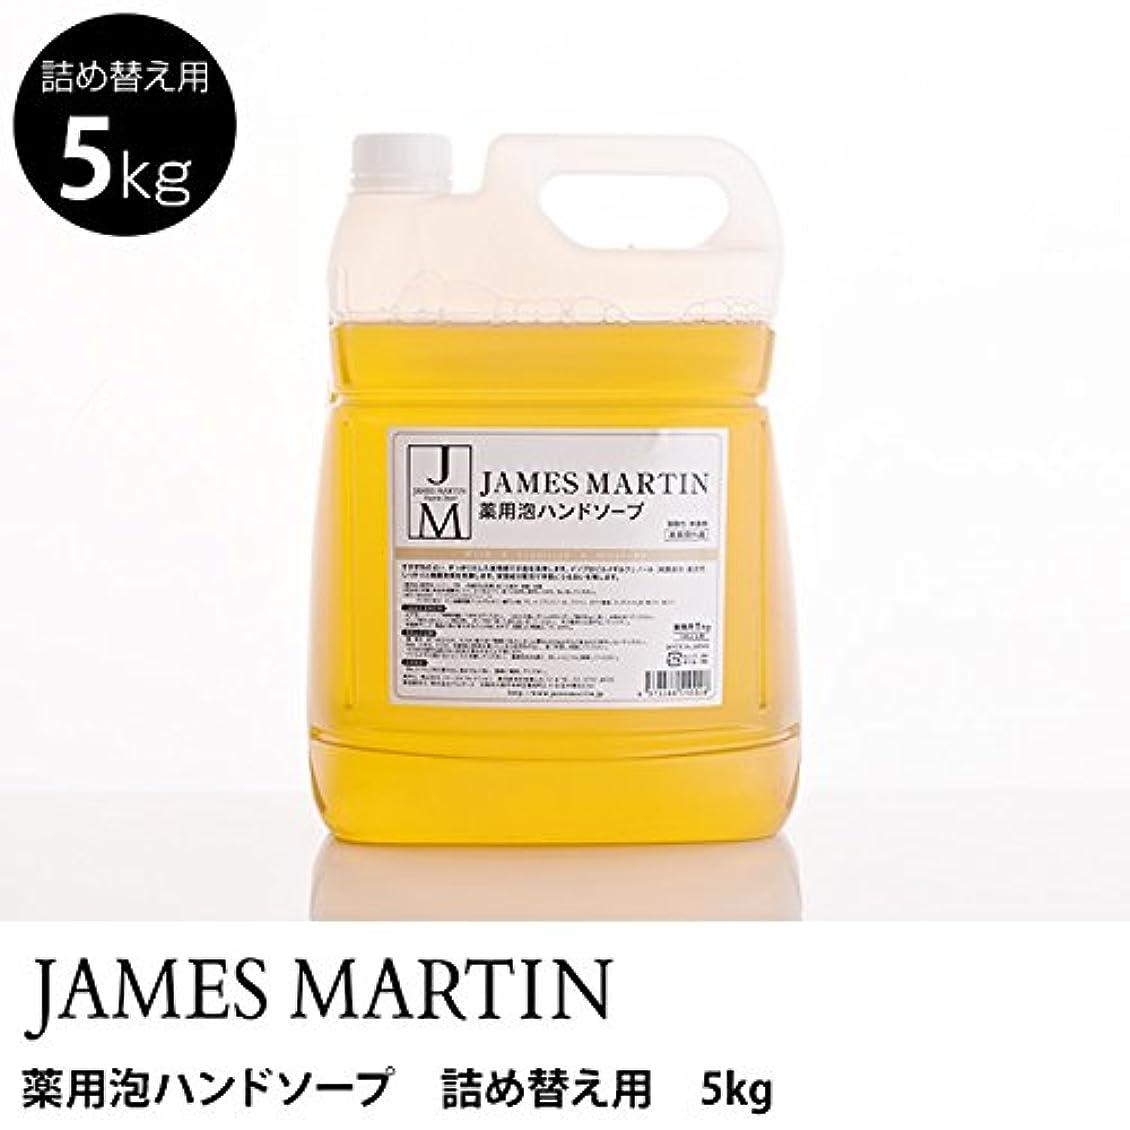 理由チャーム汚いジェームズマーティン 薬用泡ハンドソープ(無香料) 詰替用 5kg